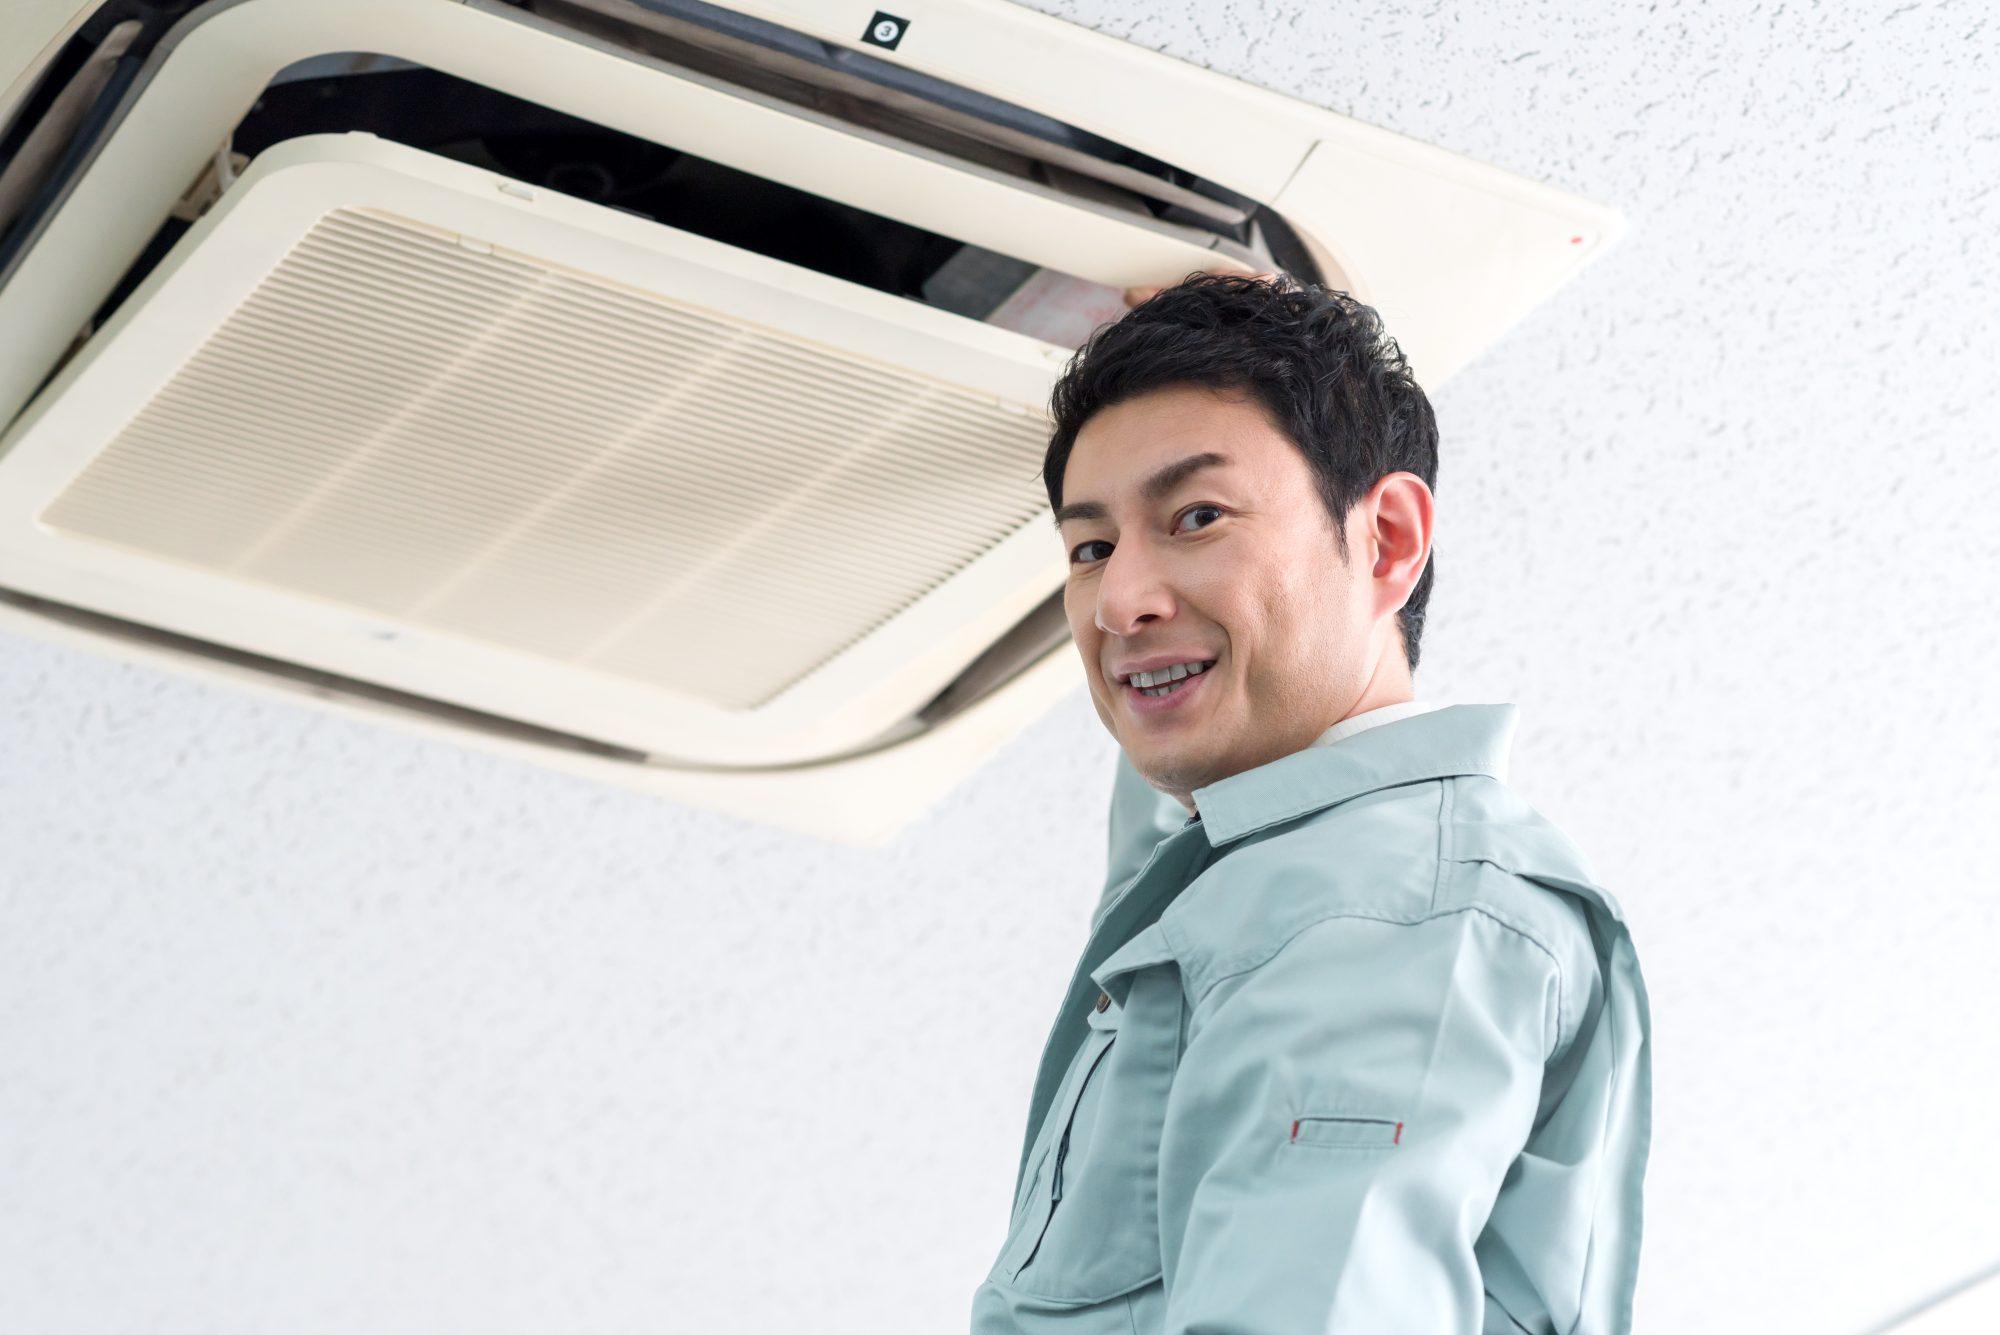 エアコンが壊れたら修理と入れ替えどっちがお得?